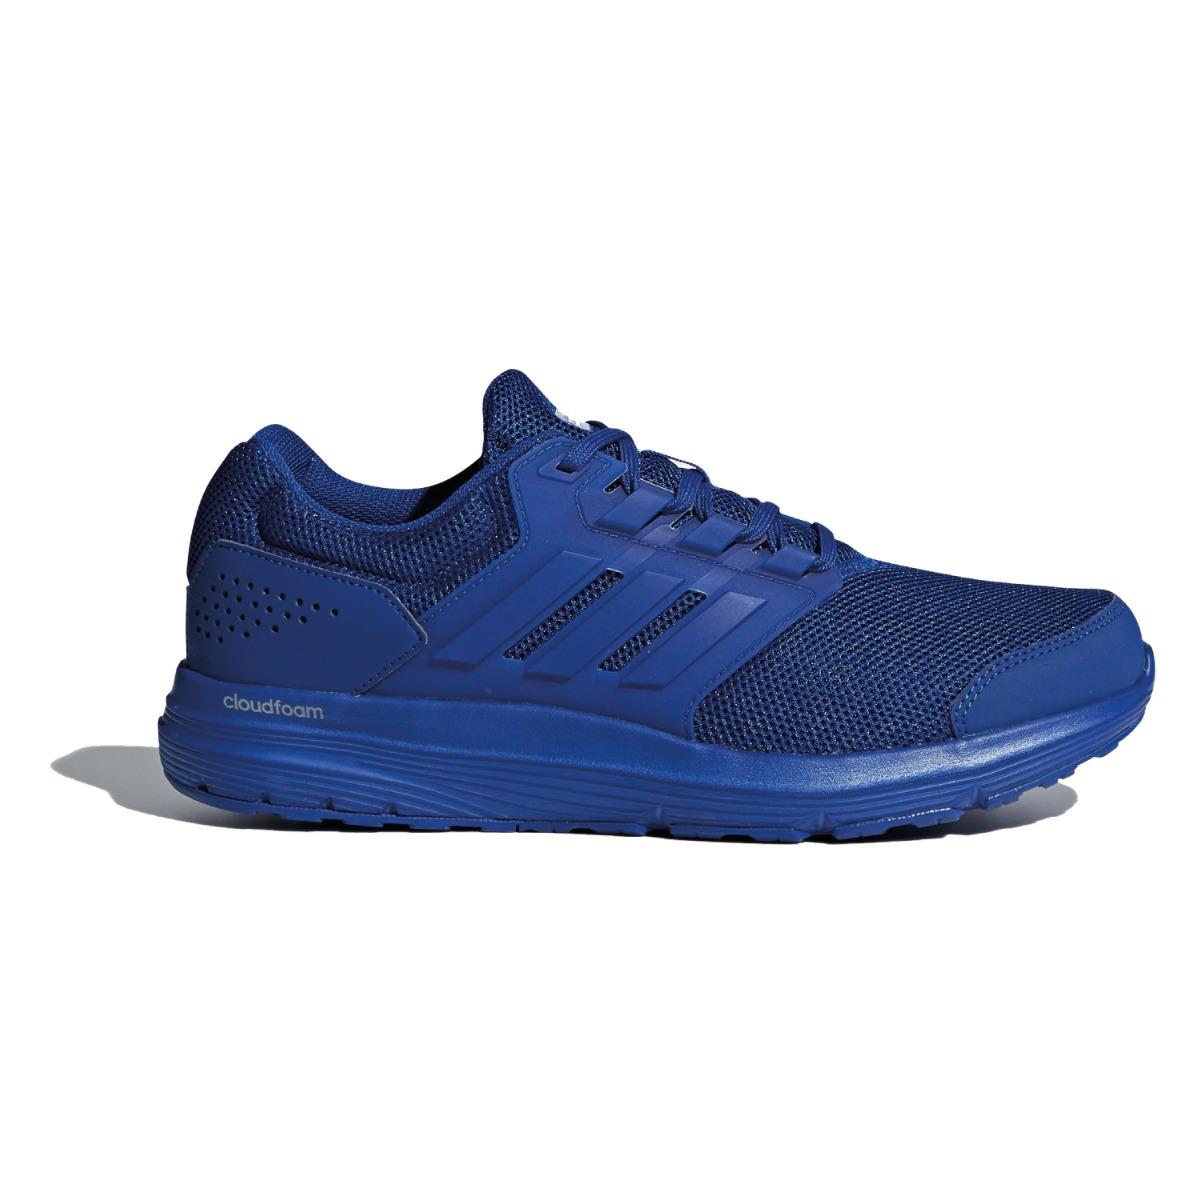 wholesale dealer fdbc4 fc110 tenis adidas galaxy 4m azul original hombre cp8831. Cargando zoom.